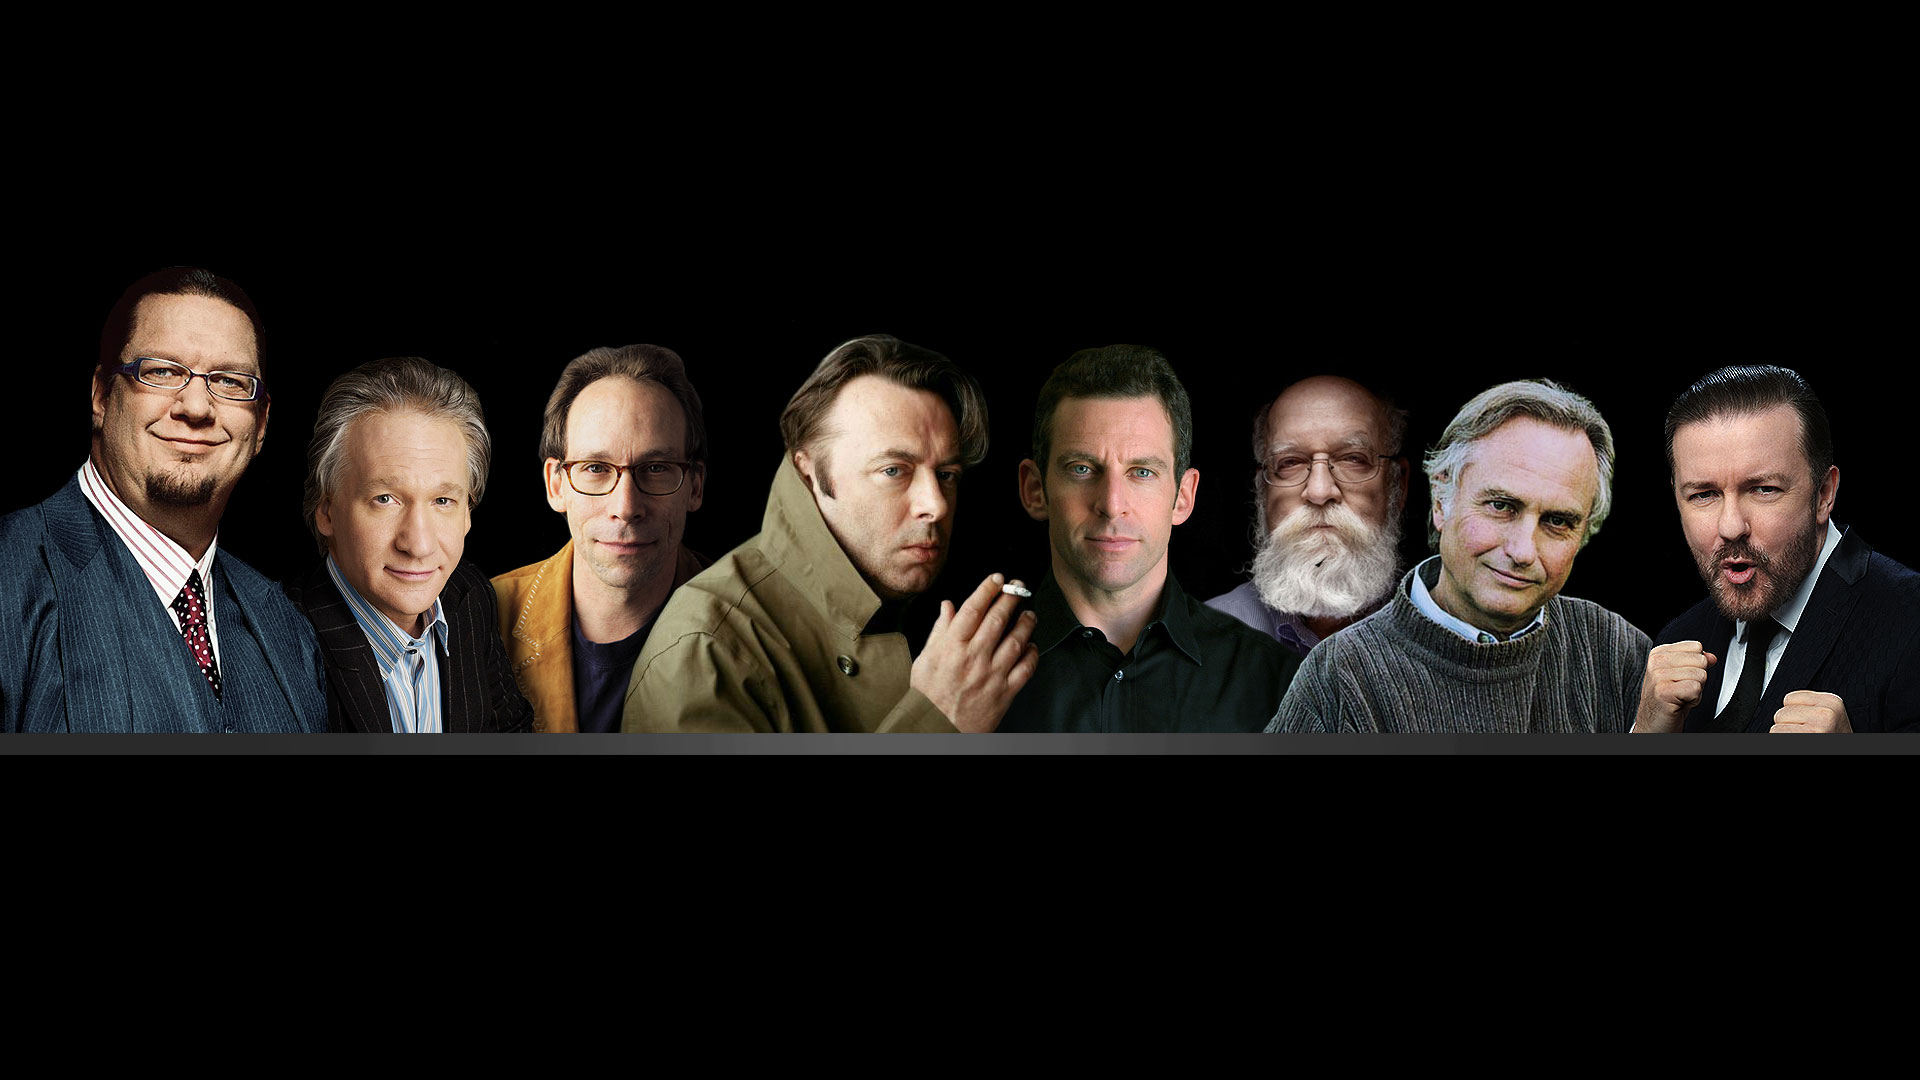 Yeni Ateizm akımının temsilcileri...